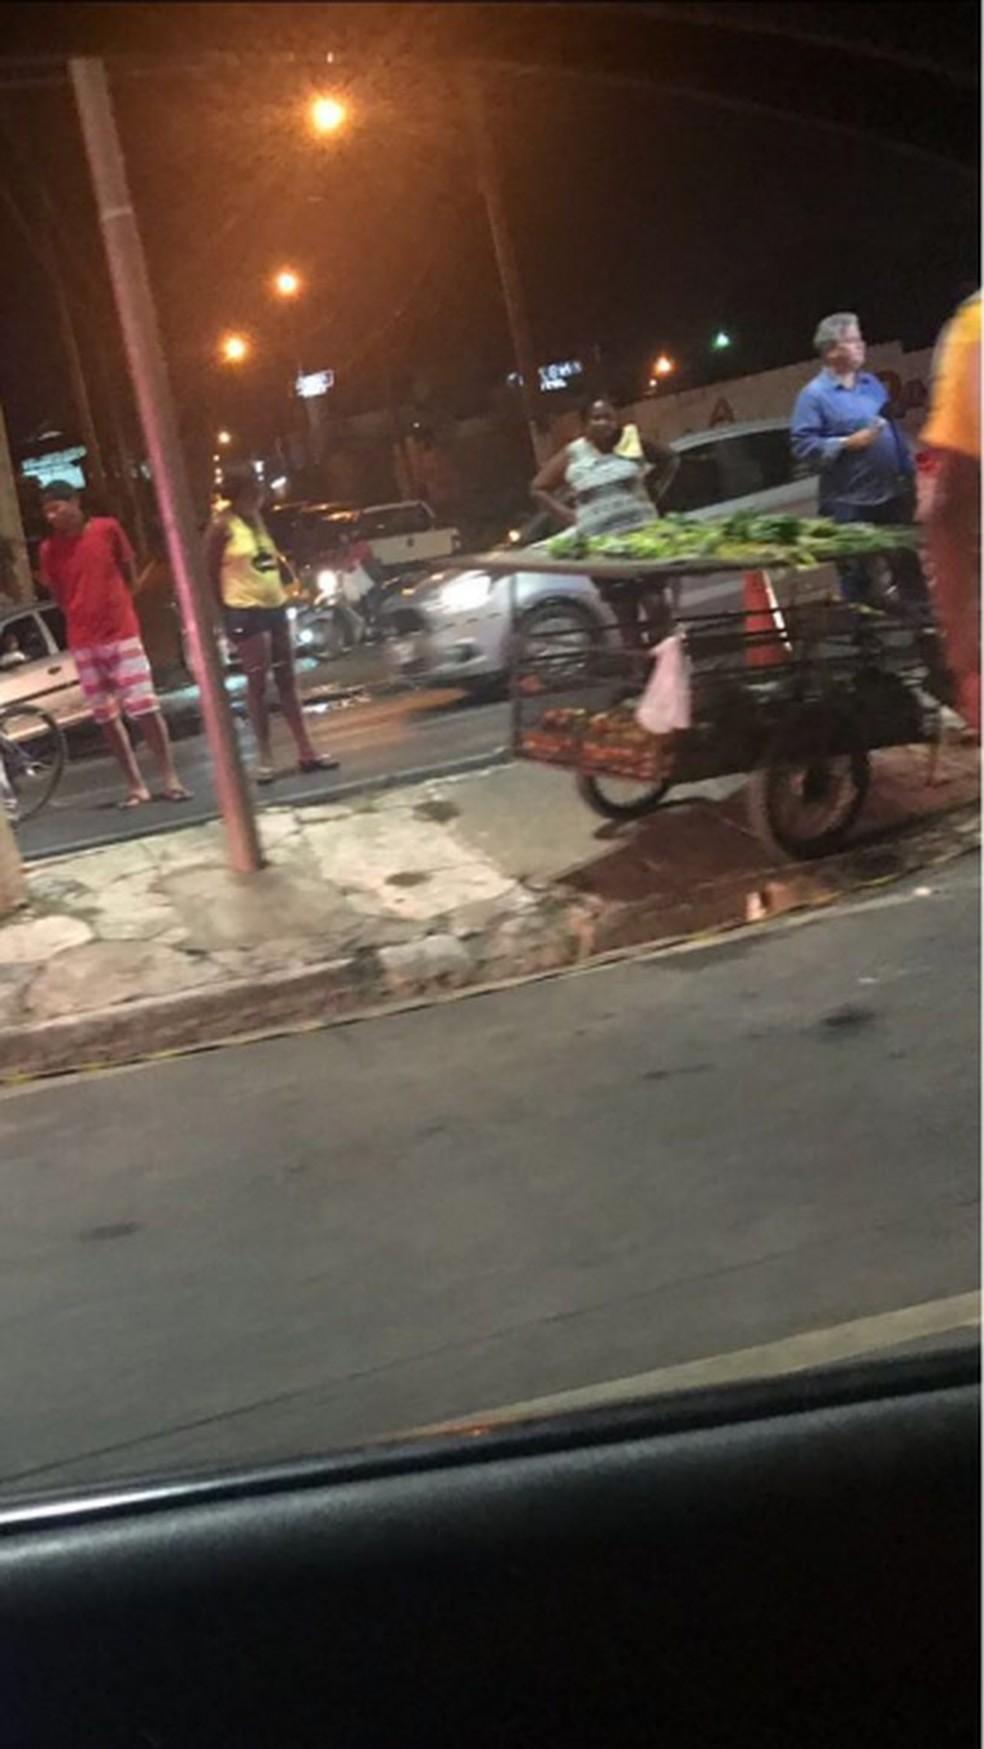 Foto mostra carrinho de verduras que vítima empurrava quando foi atropelada na Avenida Miguel Sutil, em Cuiabá (Foto: Divulgação)